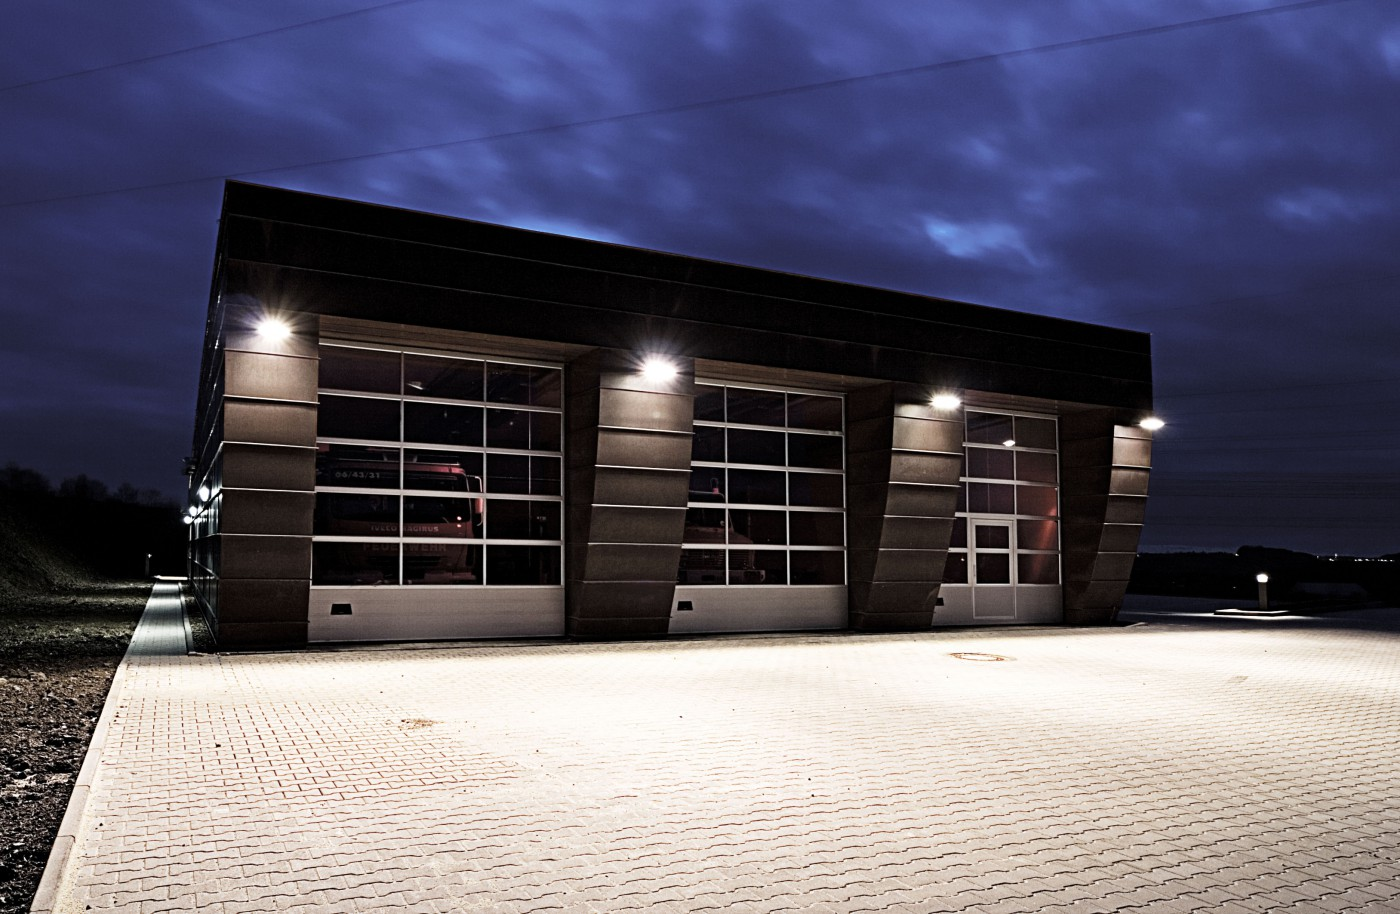 Feuerwehrger tehaus rosmart kkw architekten - Kkw architekten ...